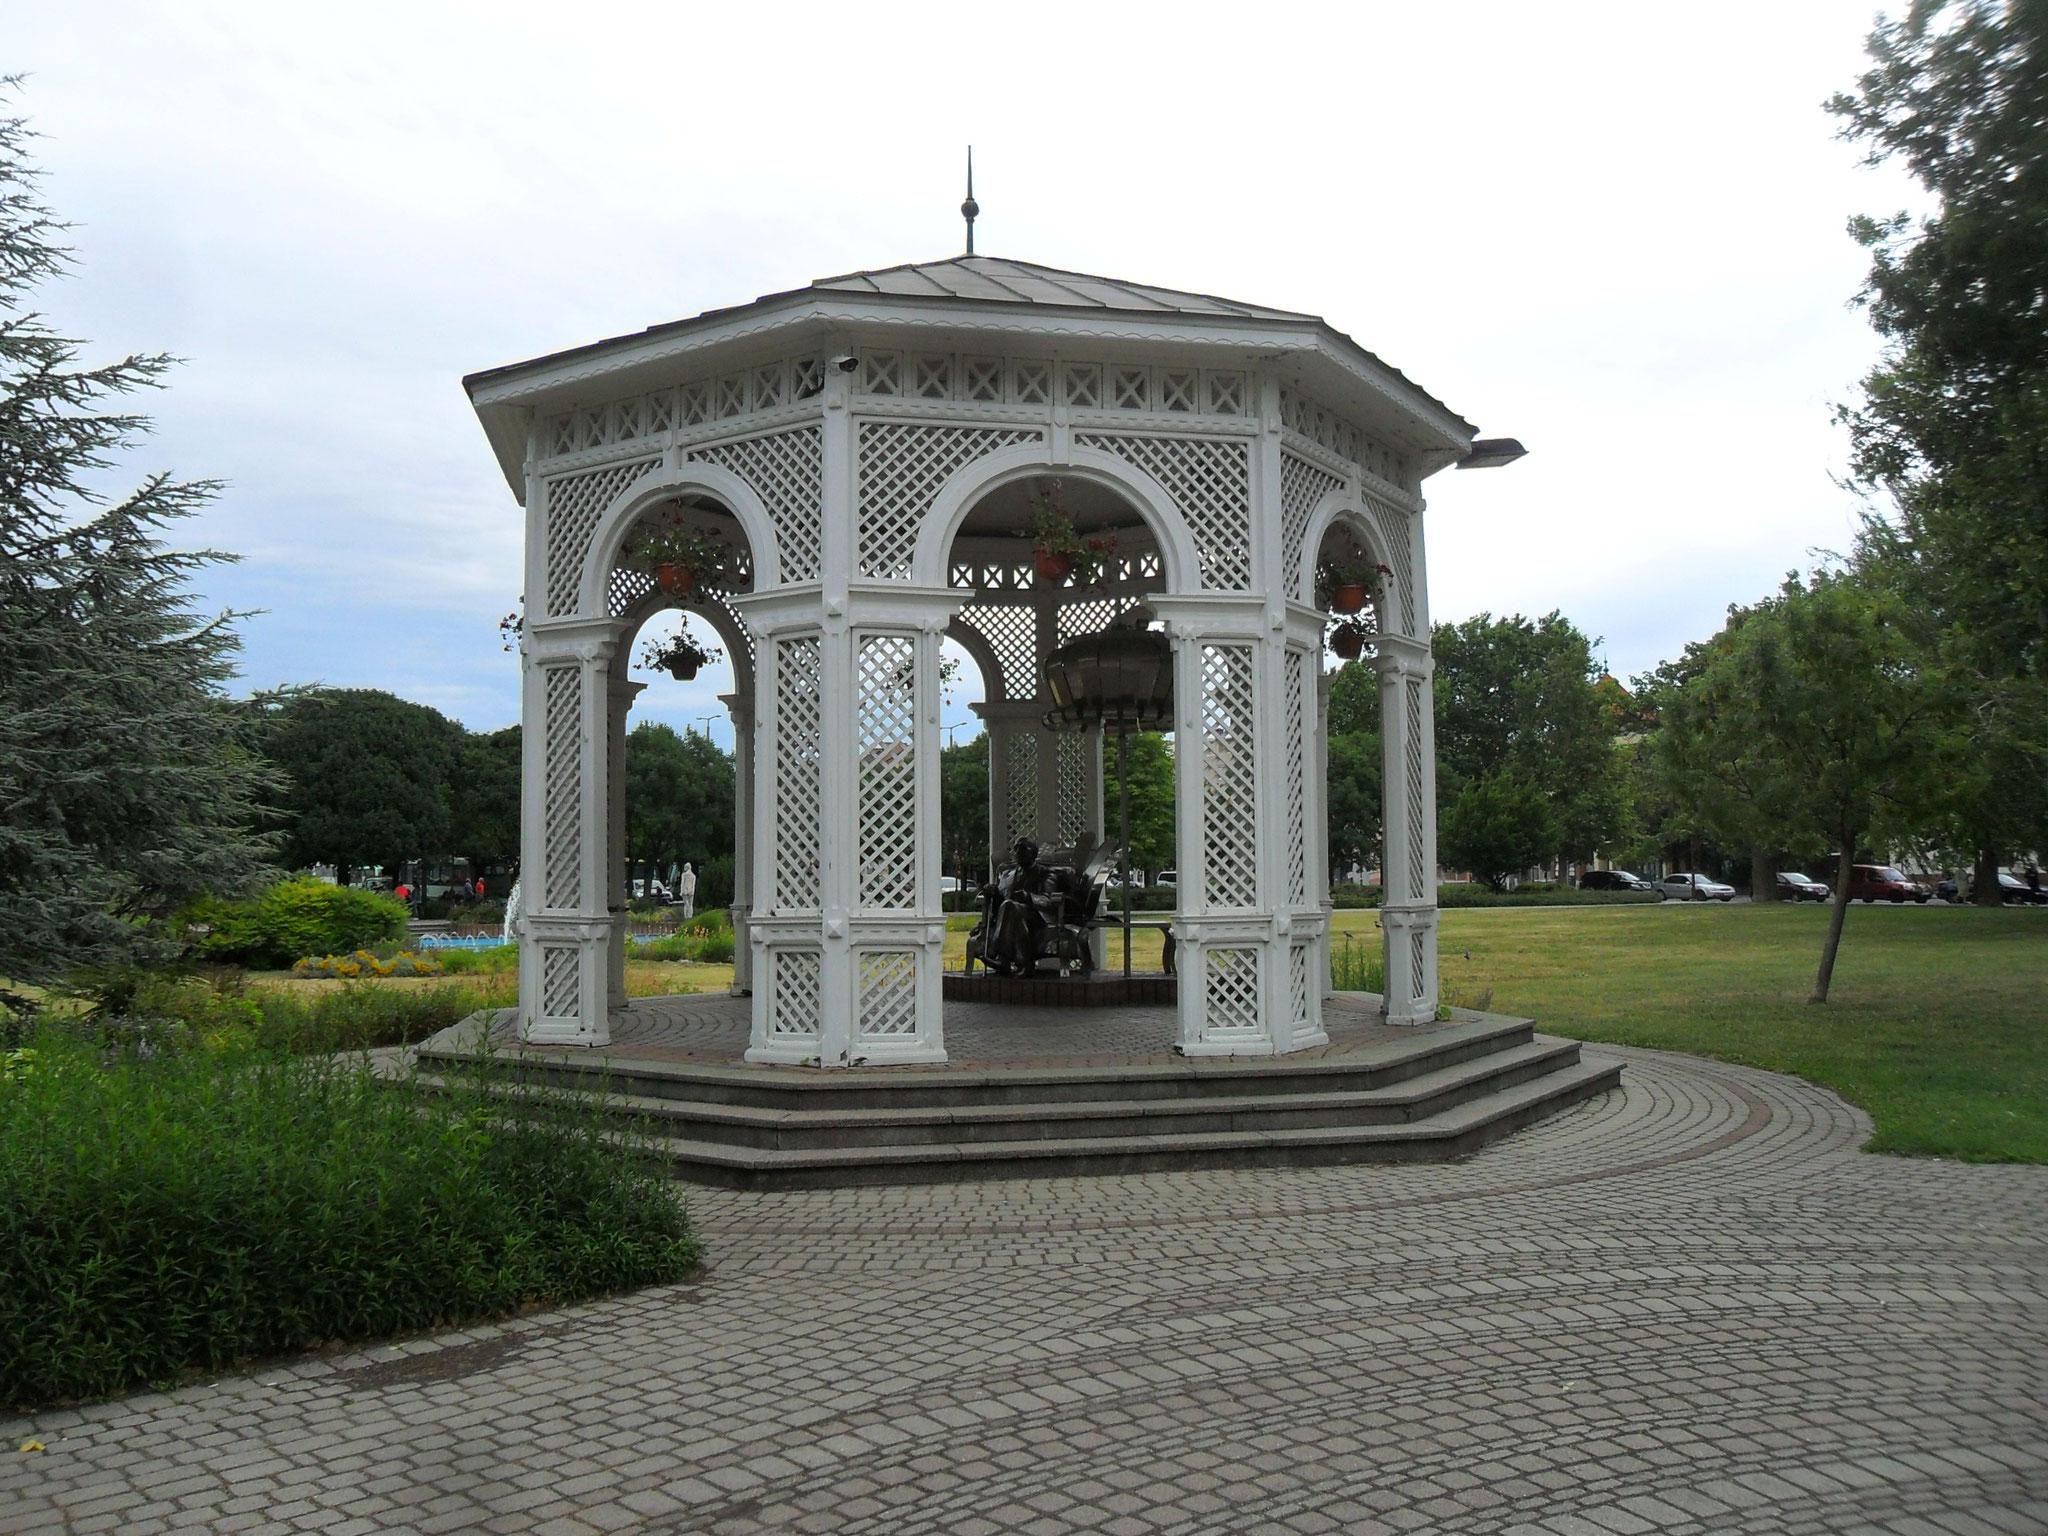 Ein Pavillon im Park vor dem Bahnhof